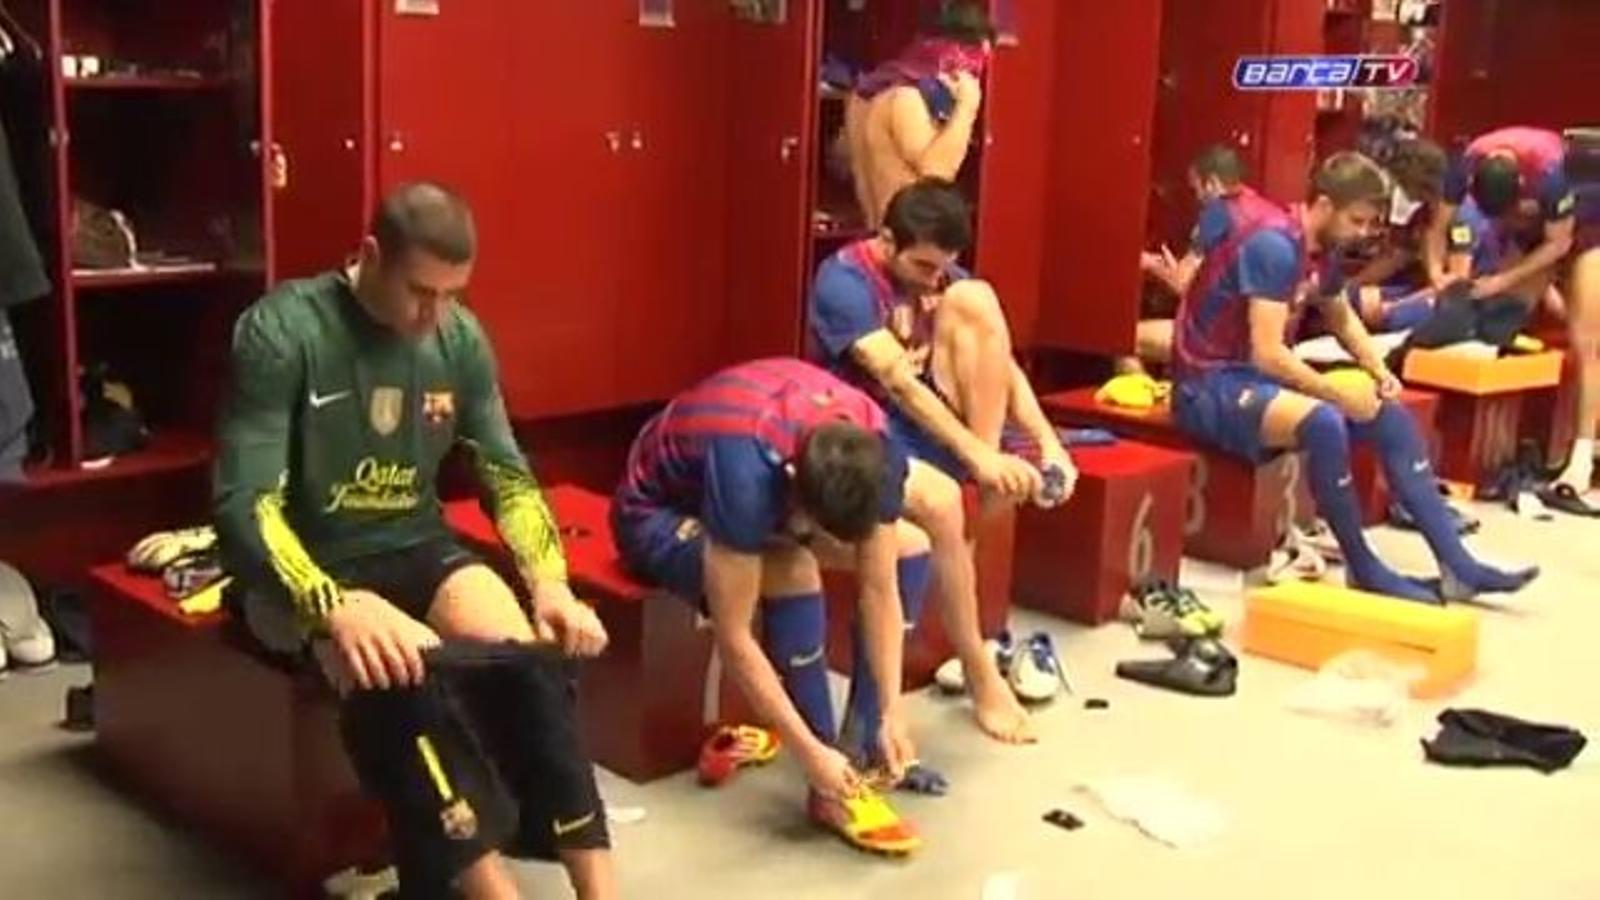 El Barça fa la fotografia oficial